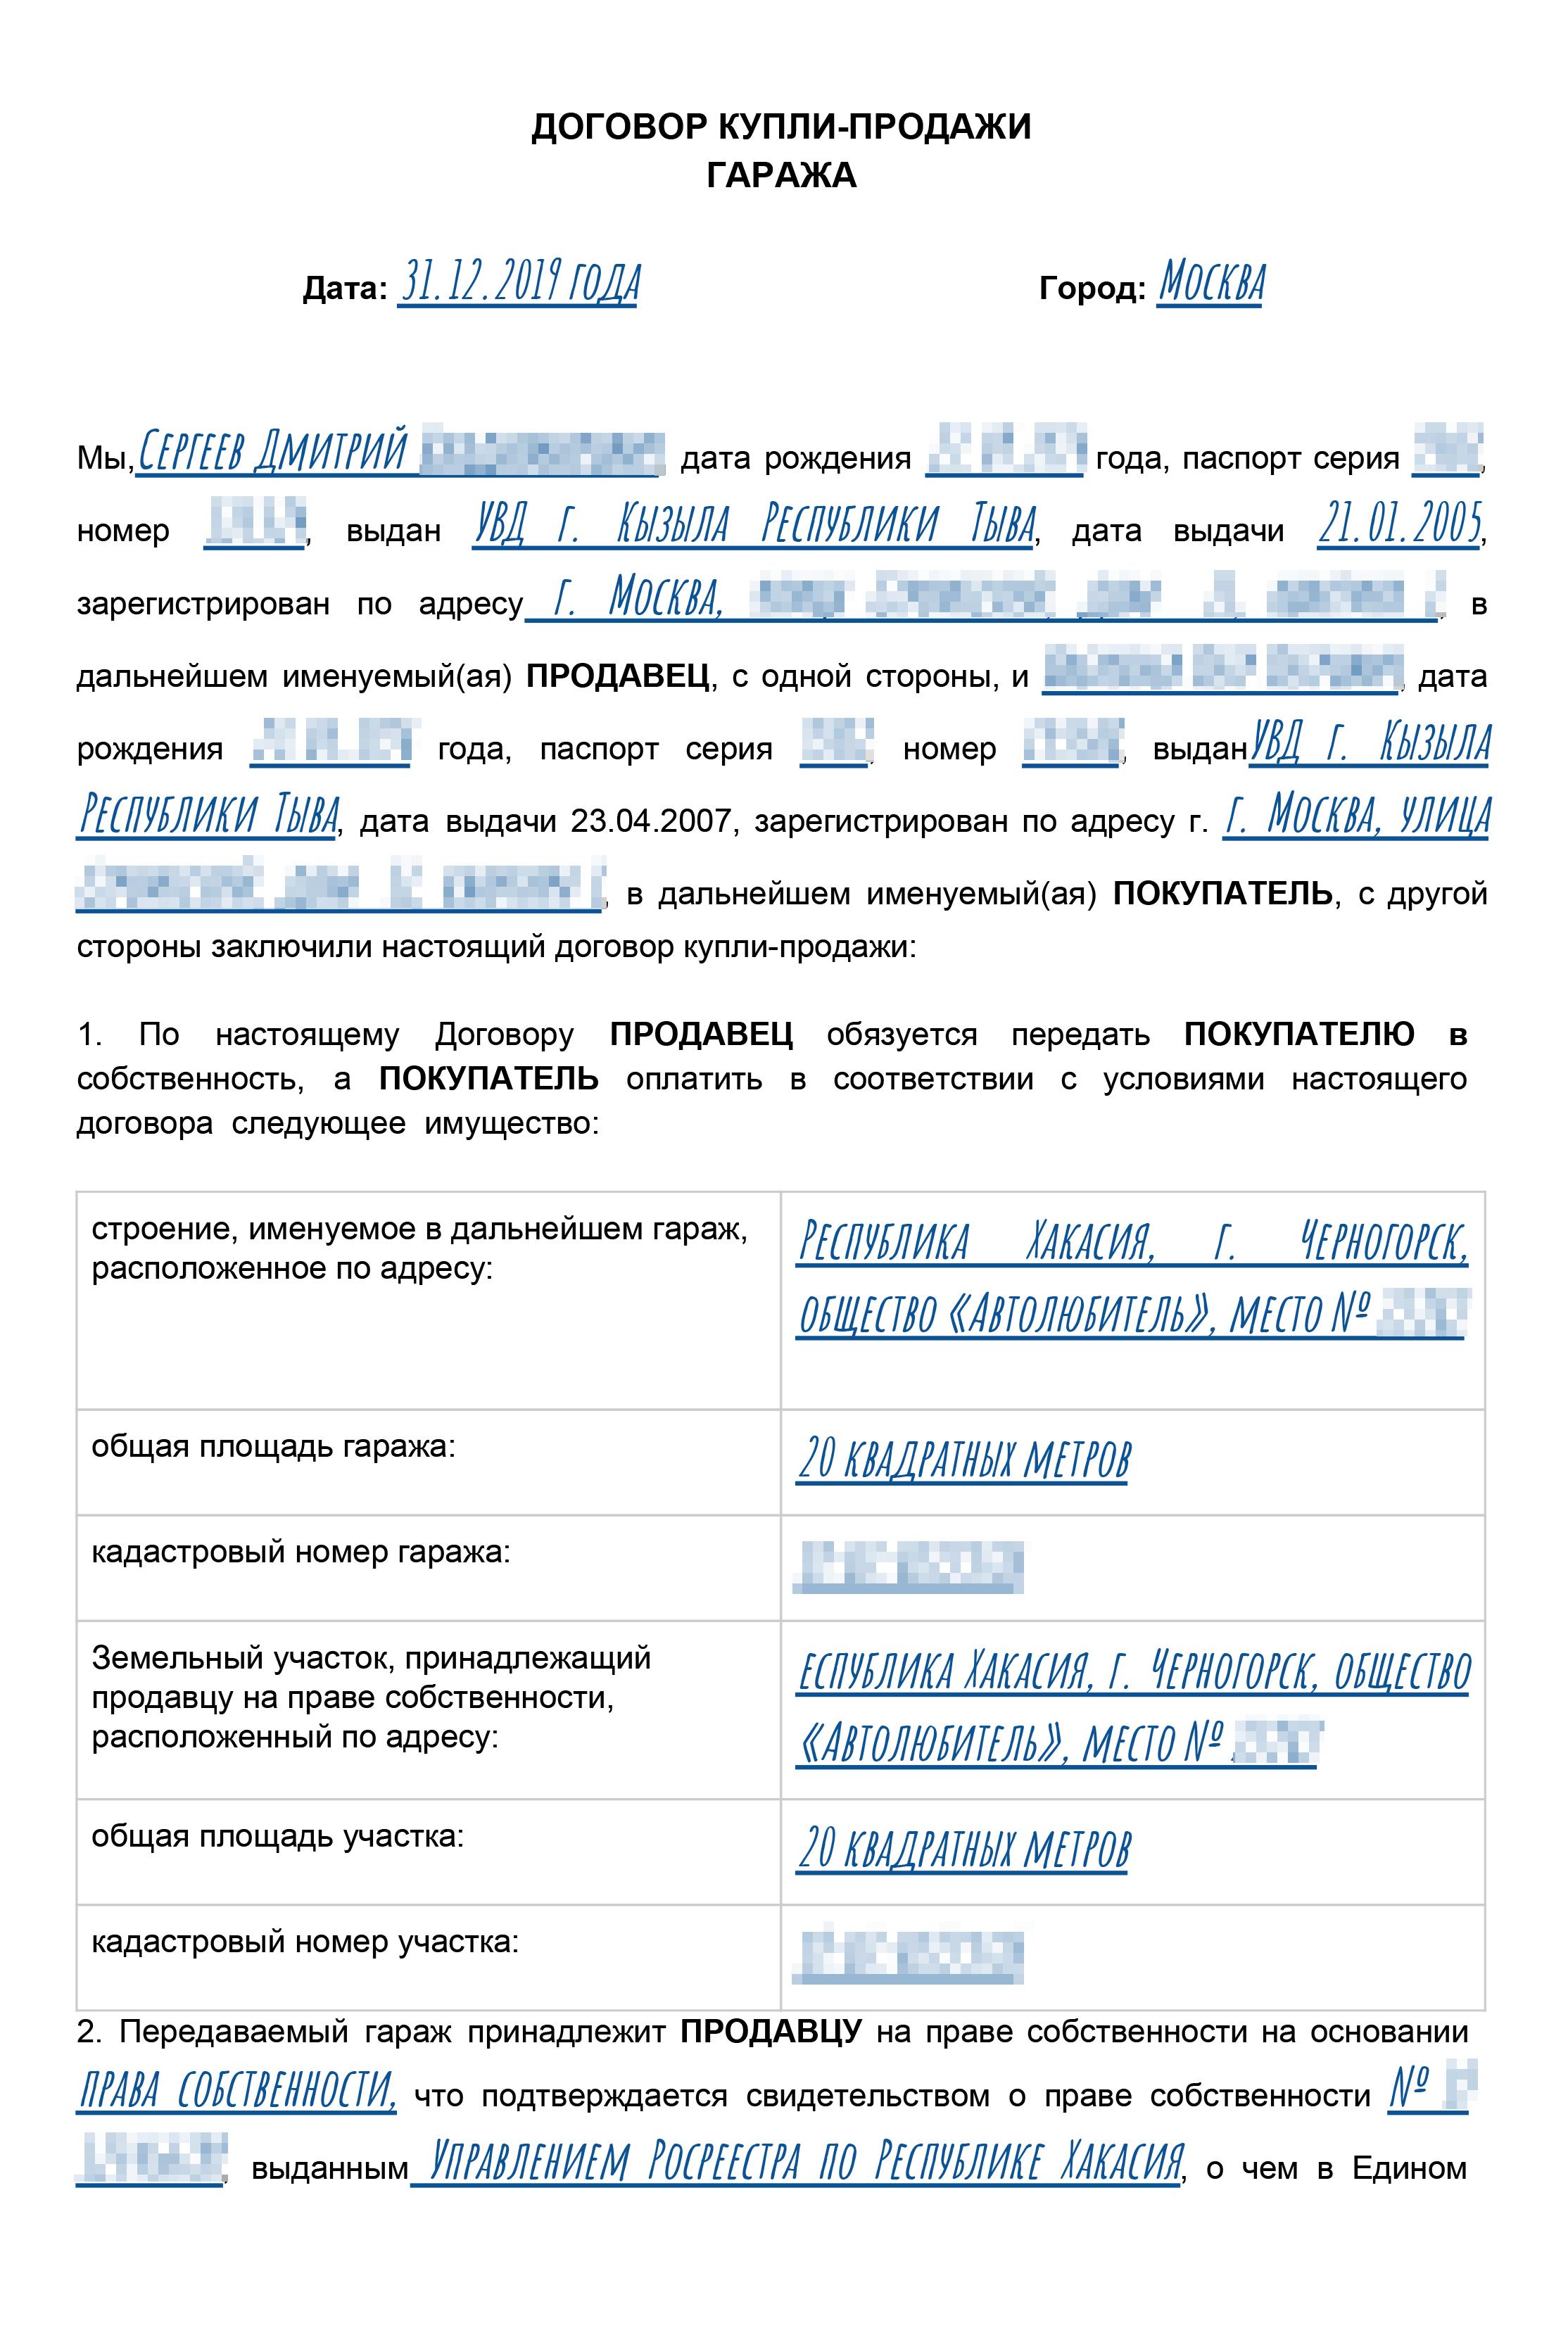 Пакет документов для покупки дачного участка и заключение сделки